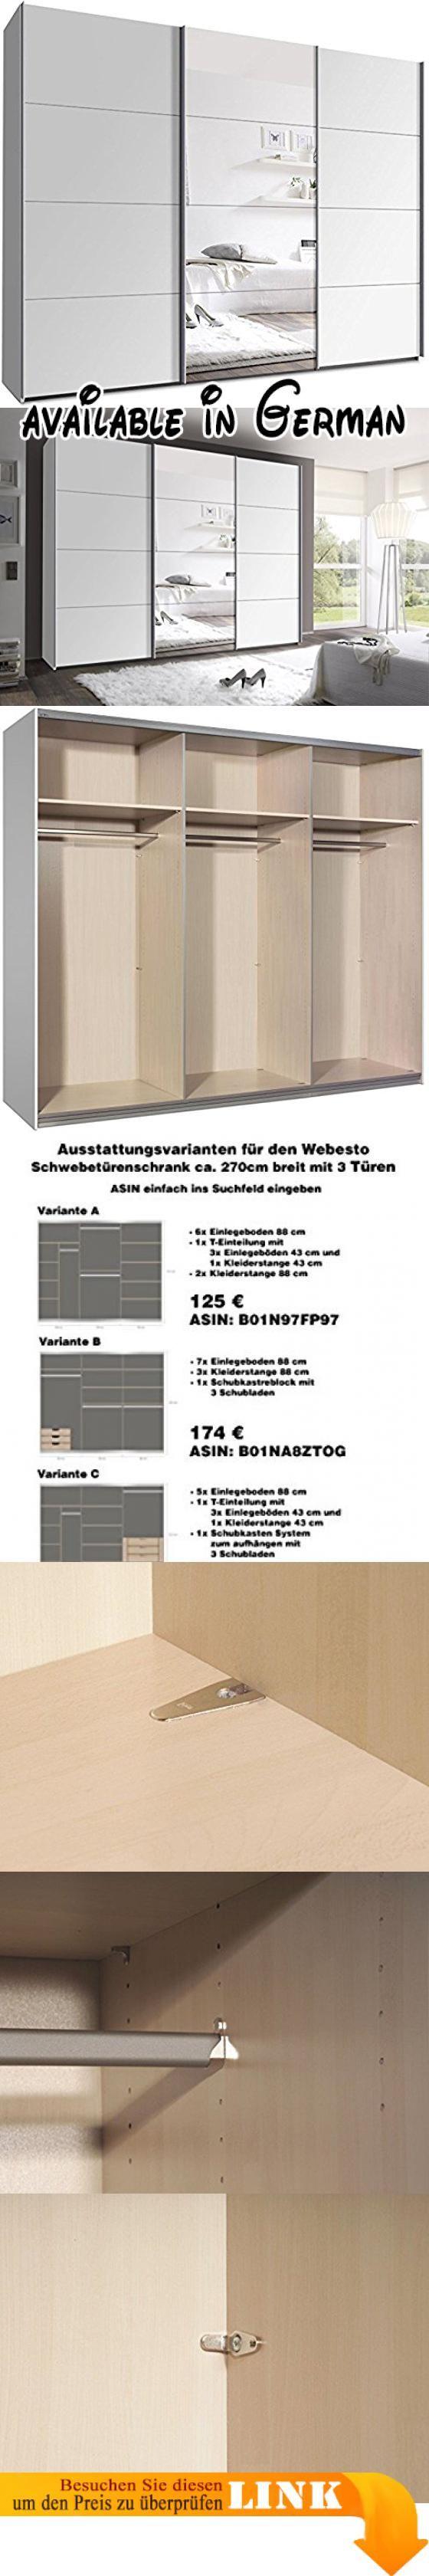 Inspirierend Kleiderschrank 270 Cm Breit Sammlung Von B01fmtg7v4 : Mit Schwebetüren B/h/t: X 220